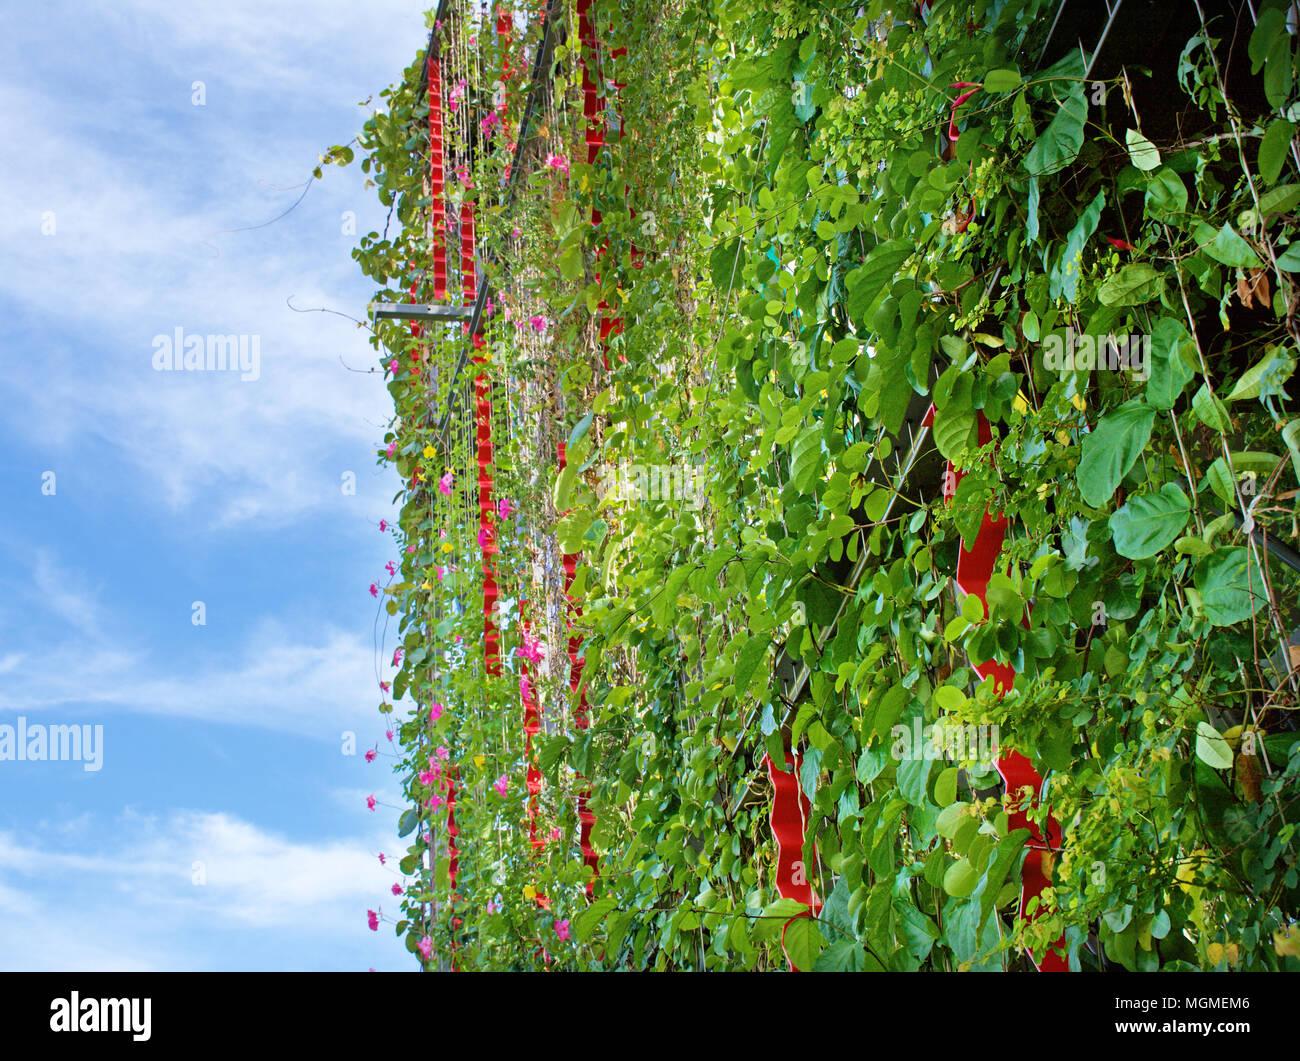 jardin vertical casero c mo hacer jardines verticales paso a materiales ideas y 600338 amazing jardn vertical con enredaderas sobre los alambres en el exterior de  la estructura de un edificio with estructura jardin vertical